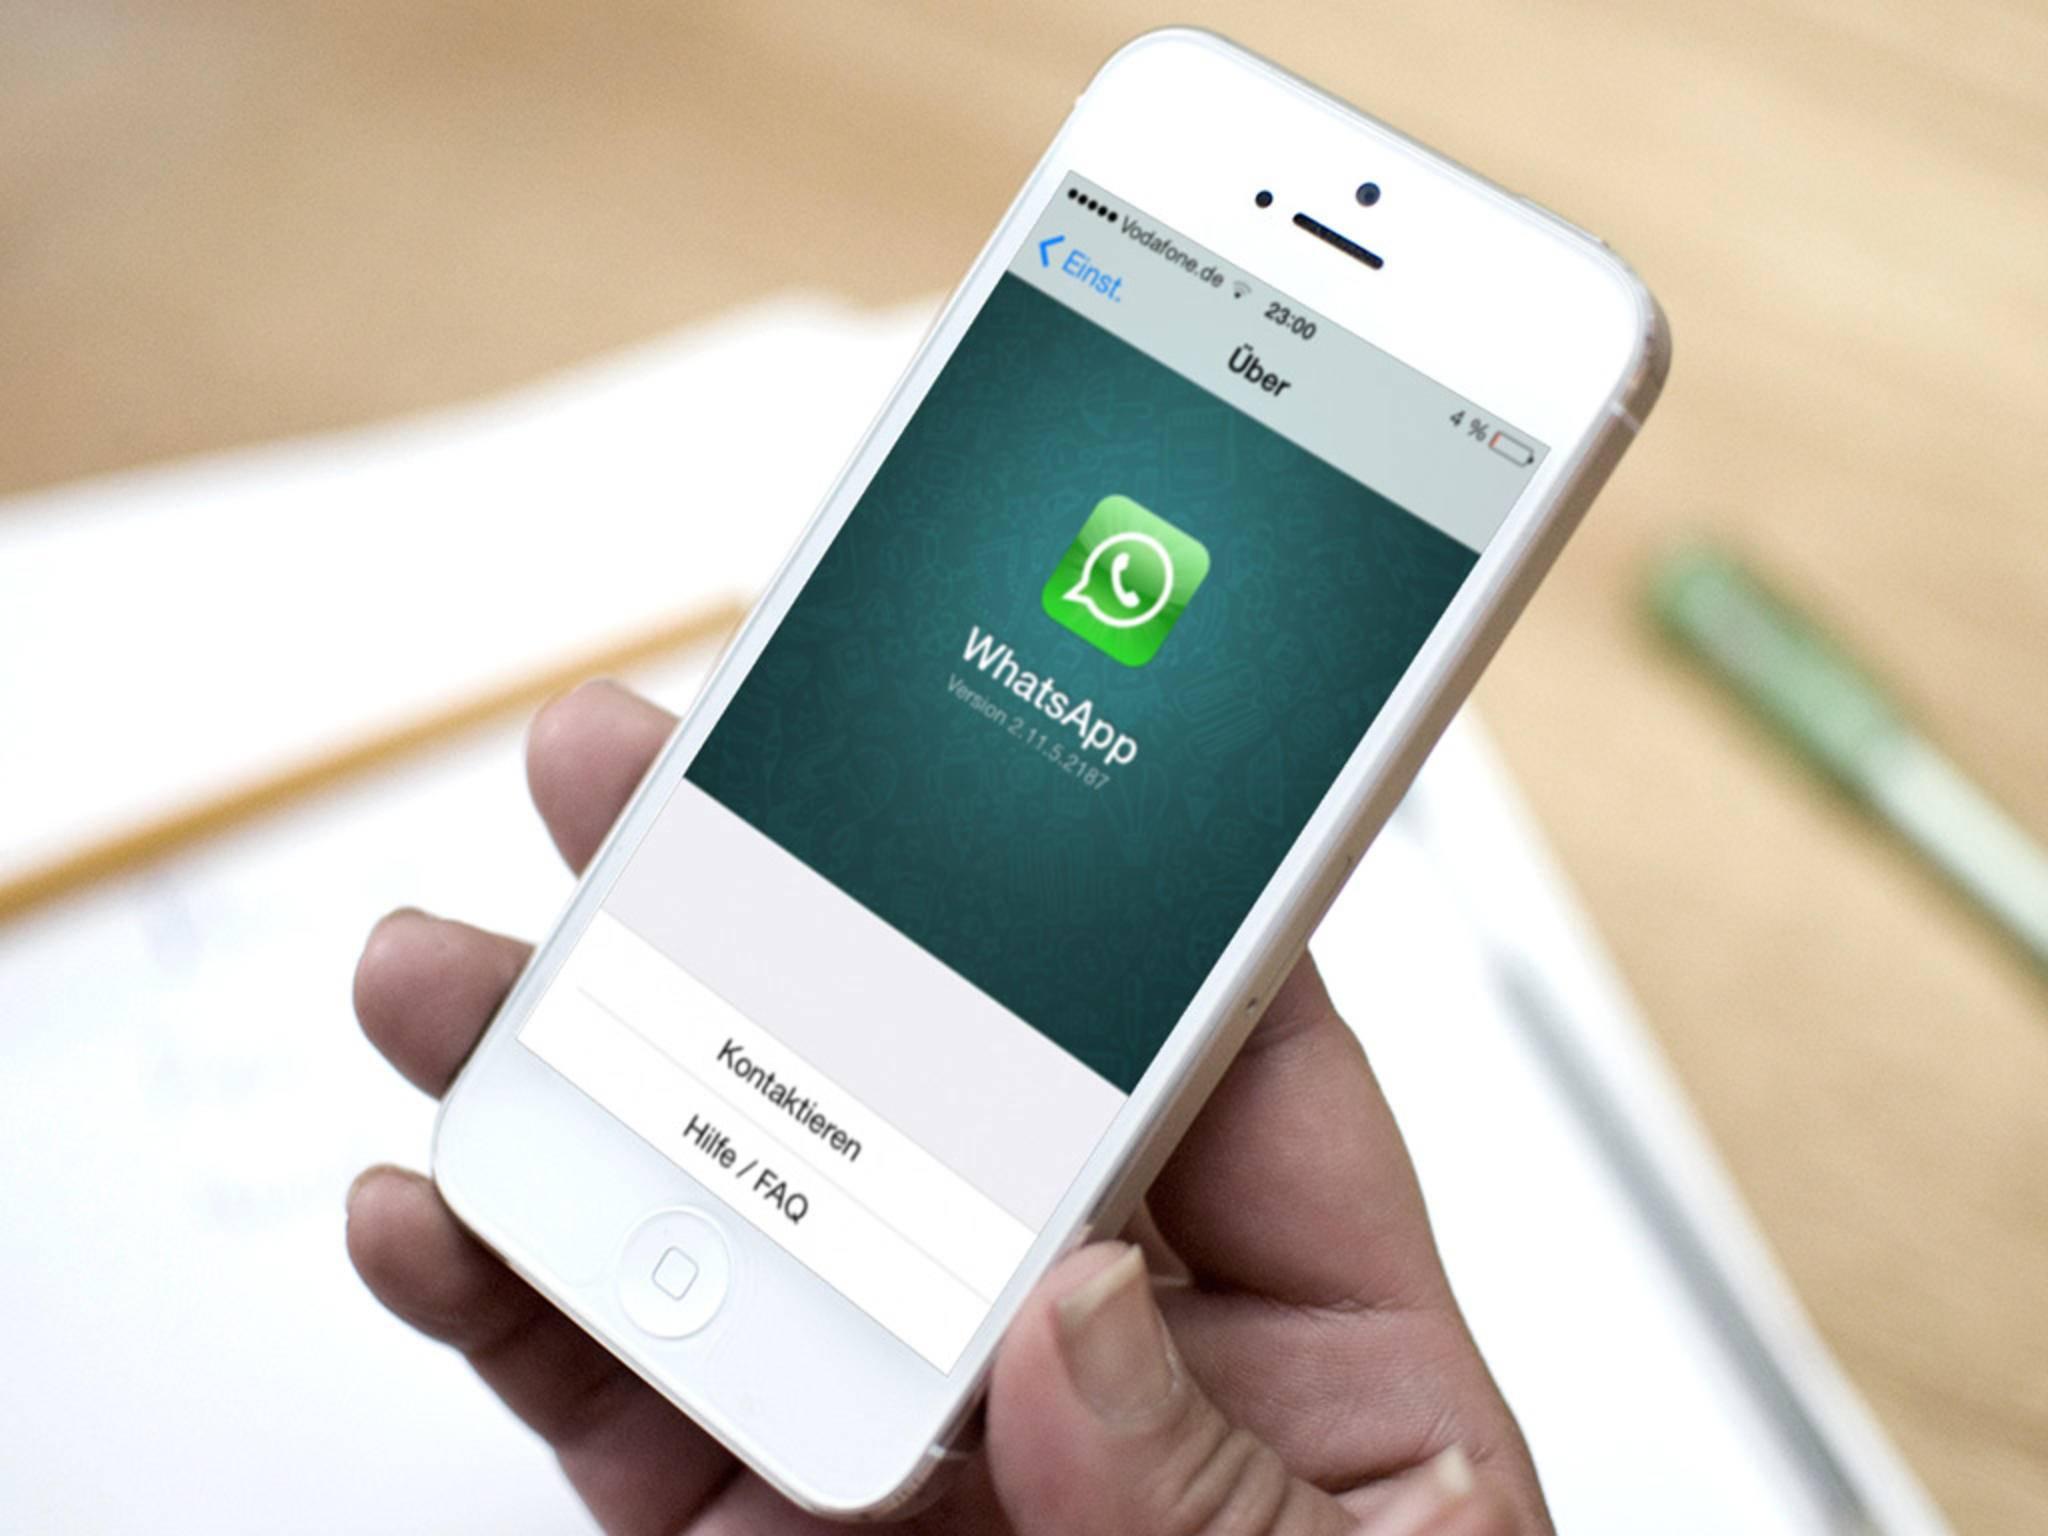 WhatsApp Web funktioniert endlich auch in Kombination mit dem iPhone.